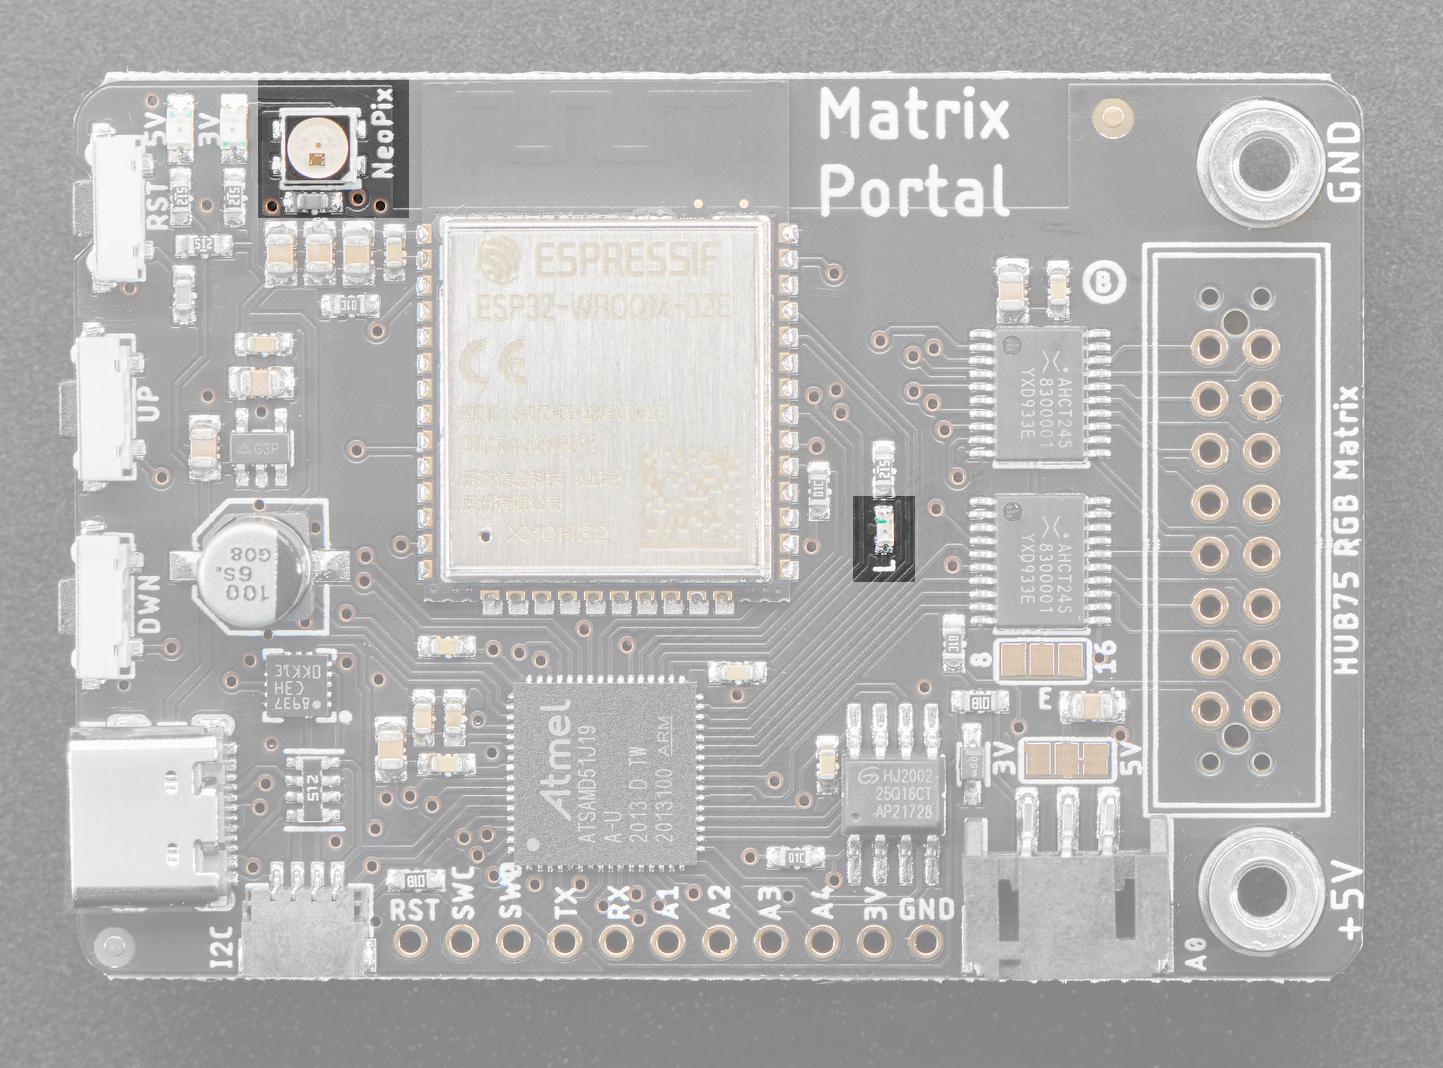 led_matrices_matrixportal_pinout_leds.jpg